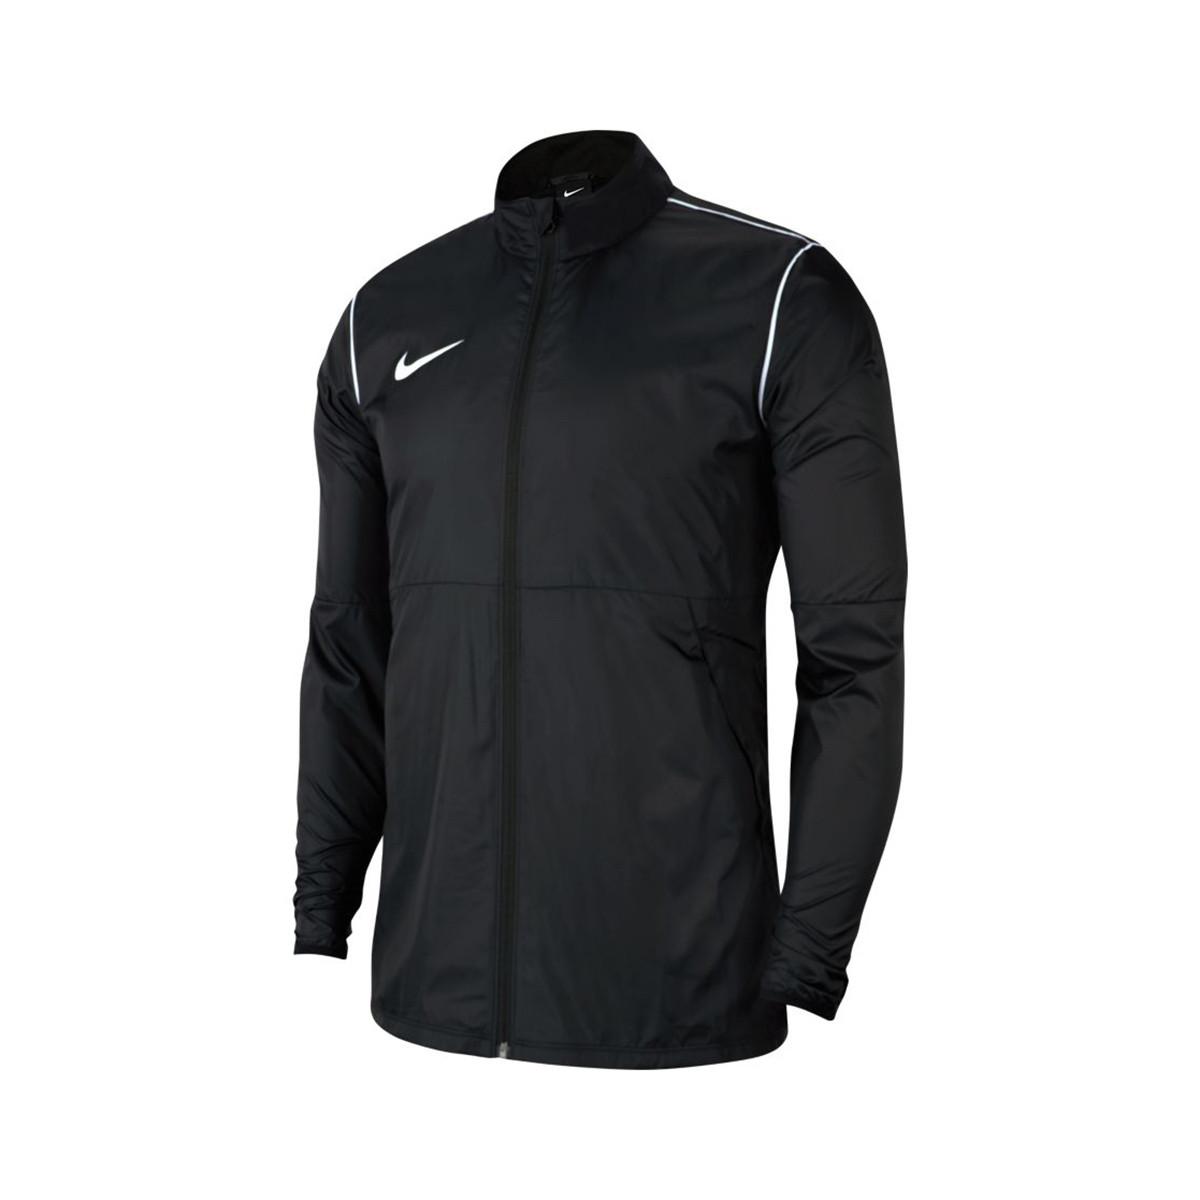 Satisfacer gas educador  Chubasquero Nike Park 20 Black - Tienda de fútbol Fútbol Emotion